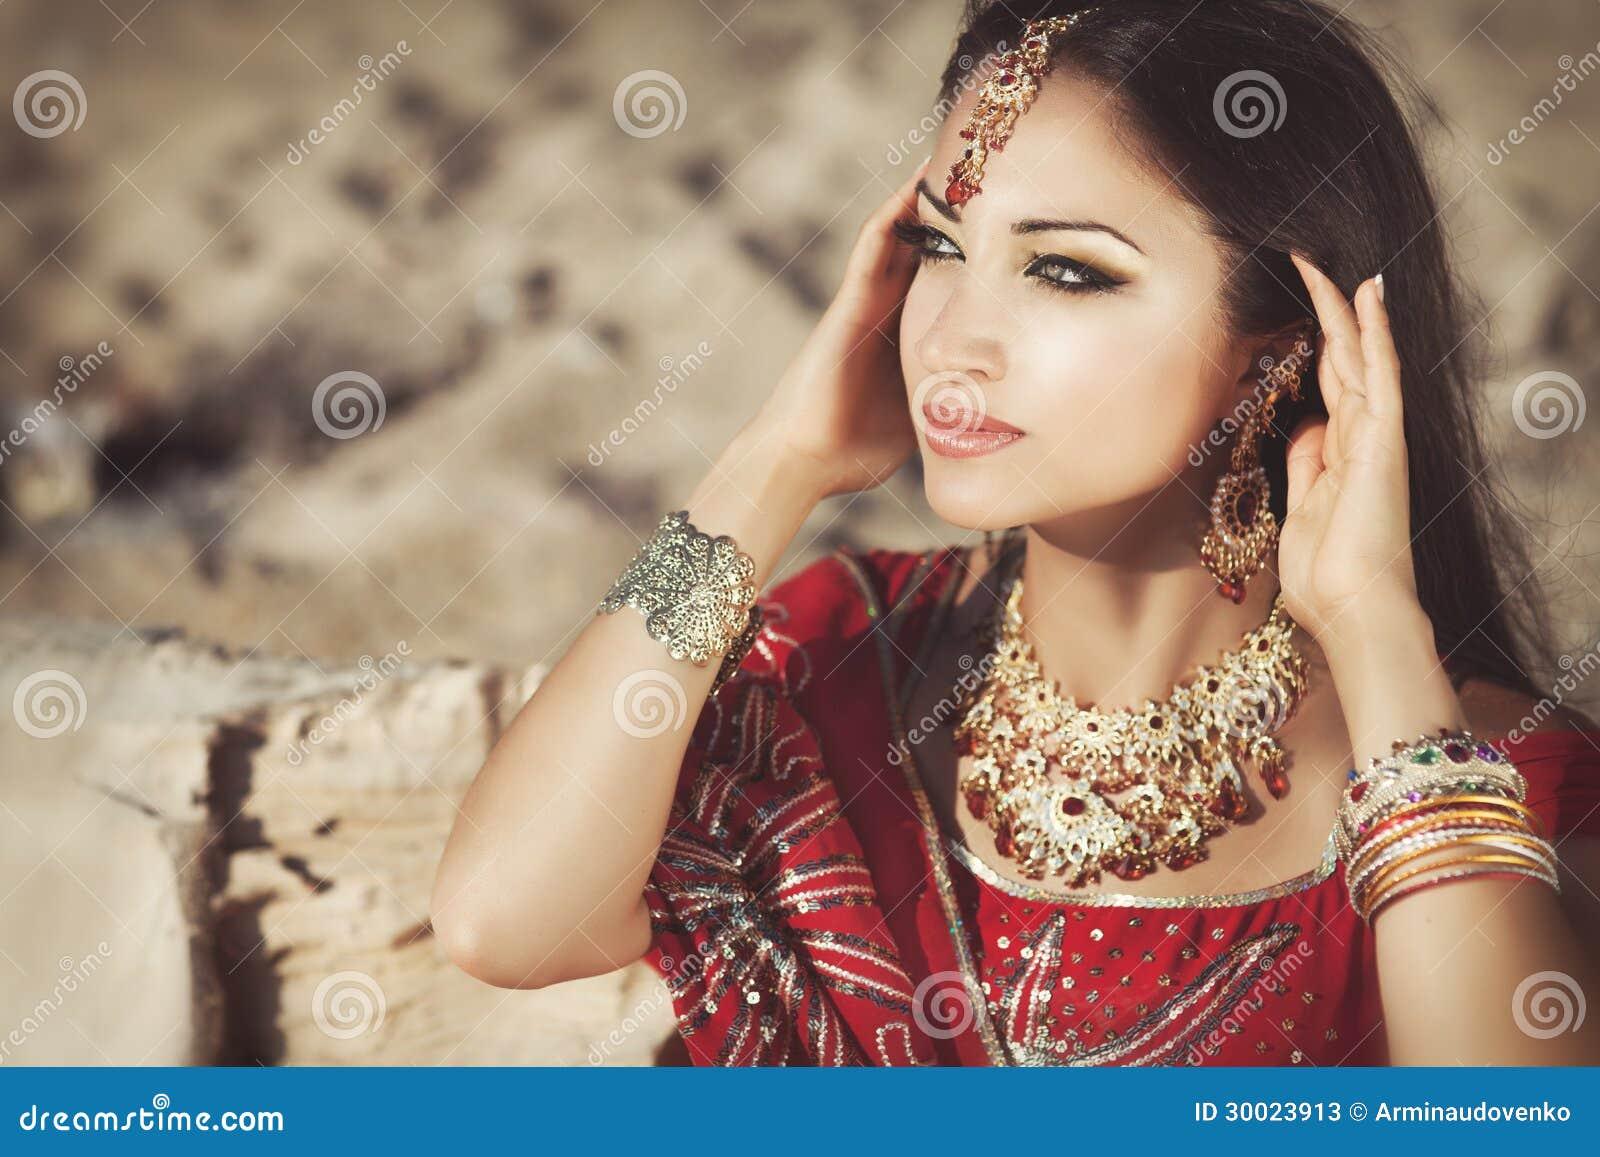 Favoloso Bello Bellydancer Indiano Della Donna. Sposa Araba Immagine Stock  KJ88